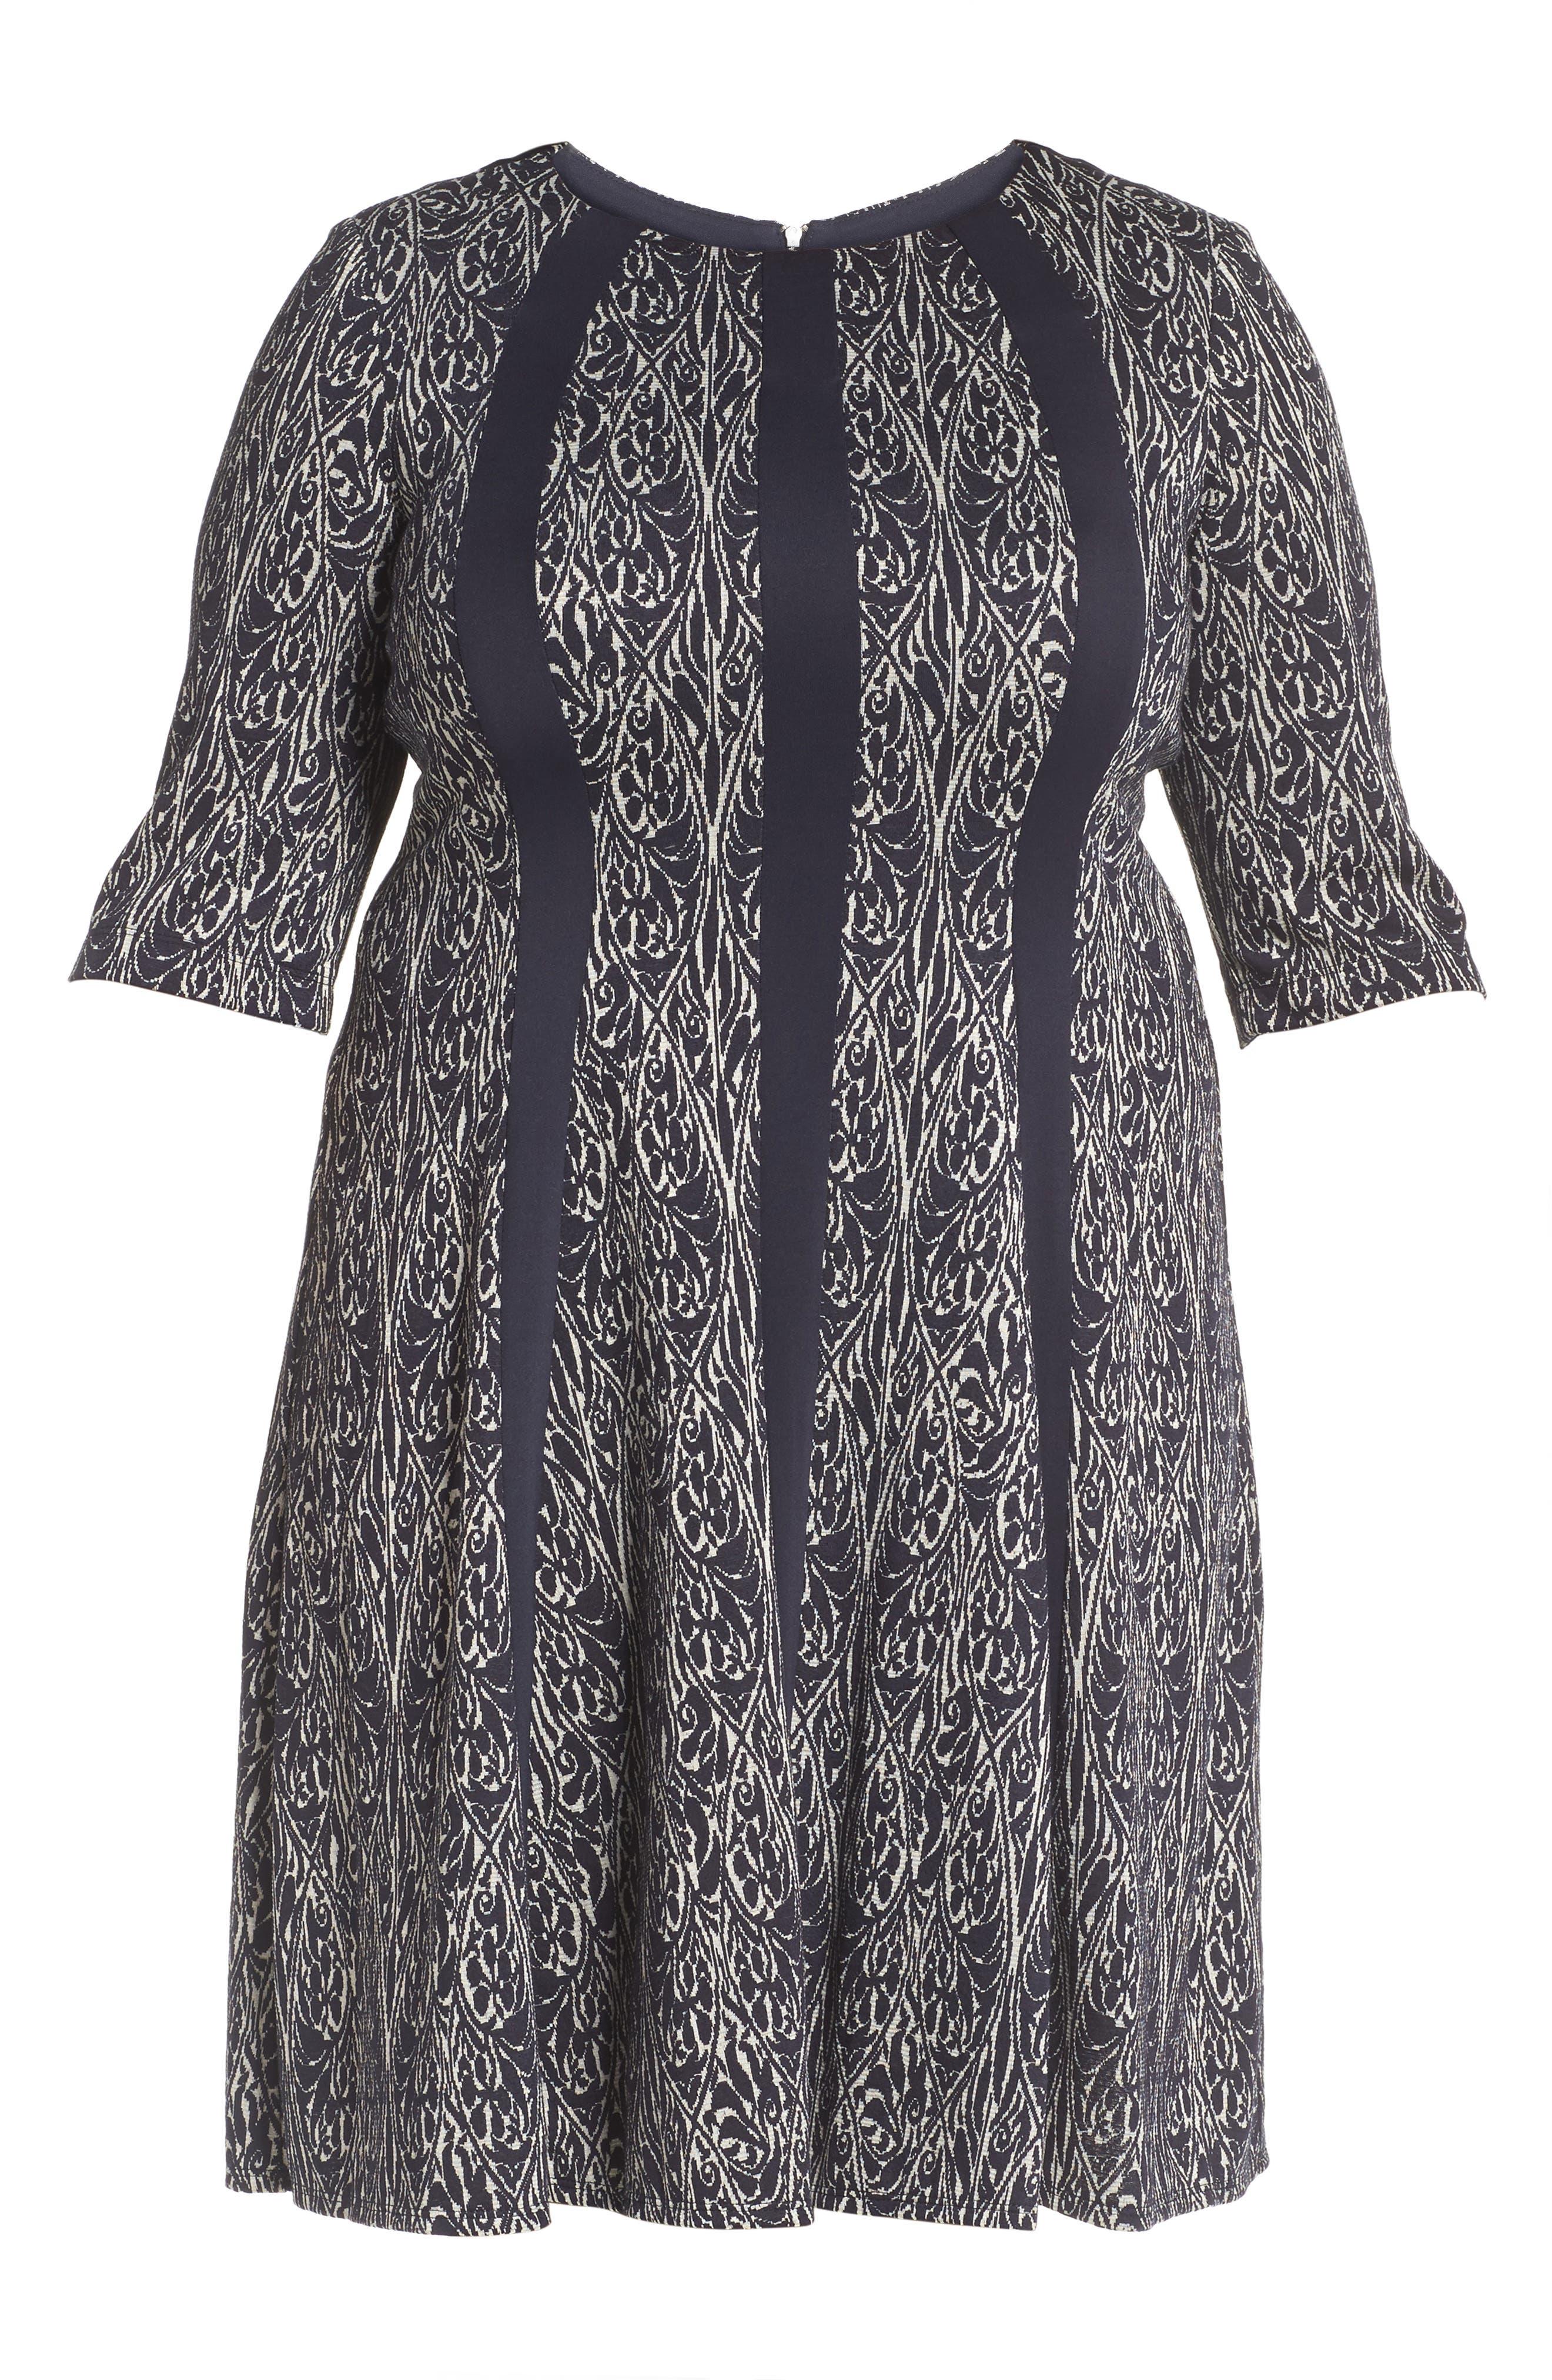 Jacquard Knit A-Line Dress,                             Alternate thumbnail 6, color,